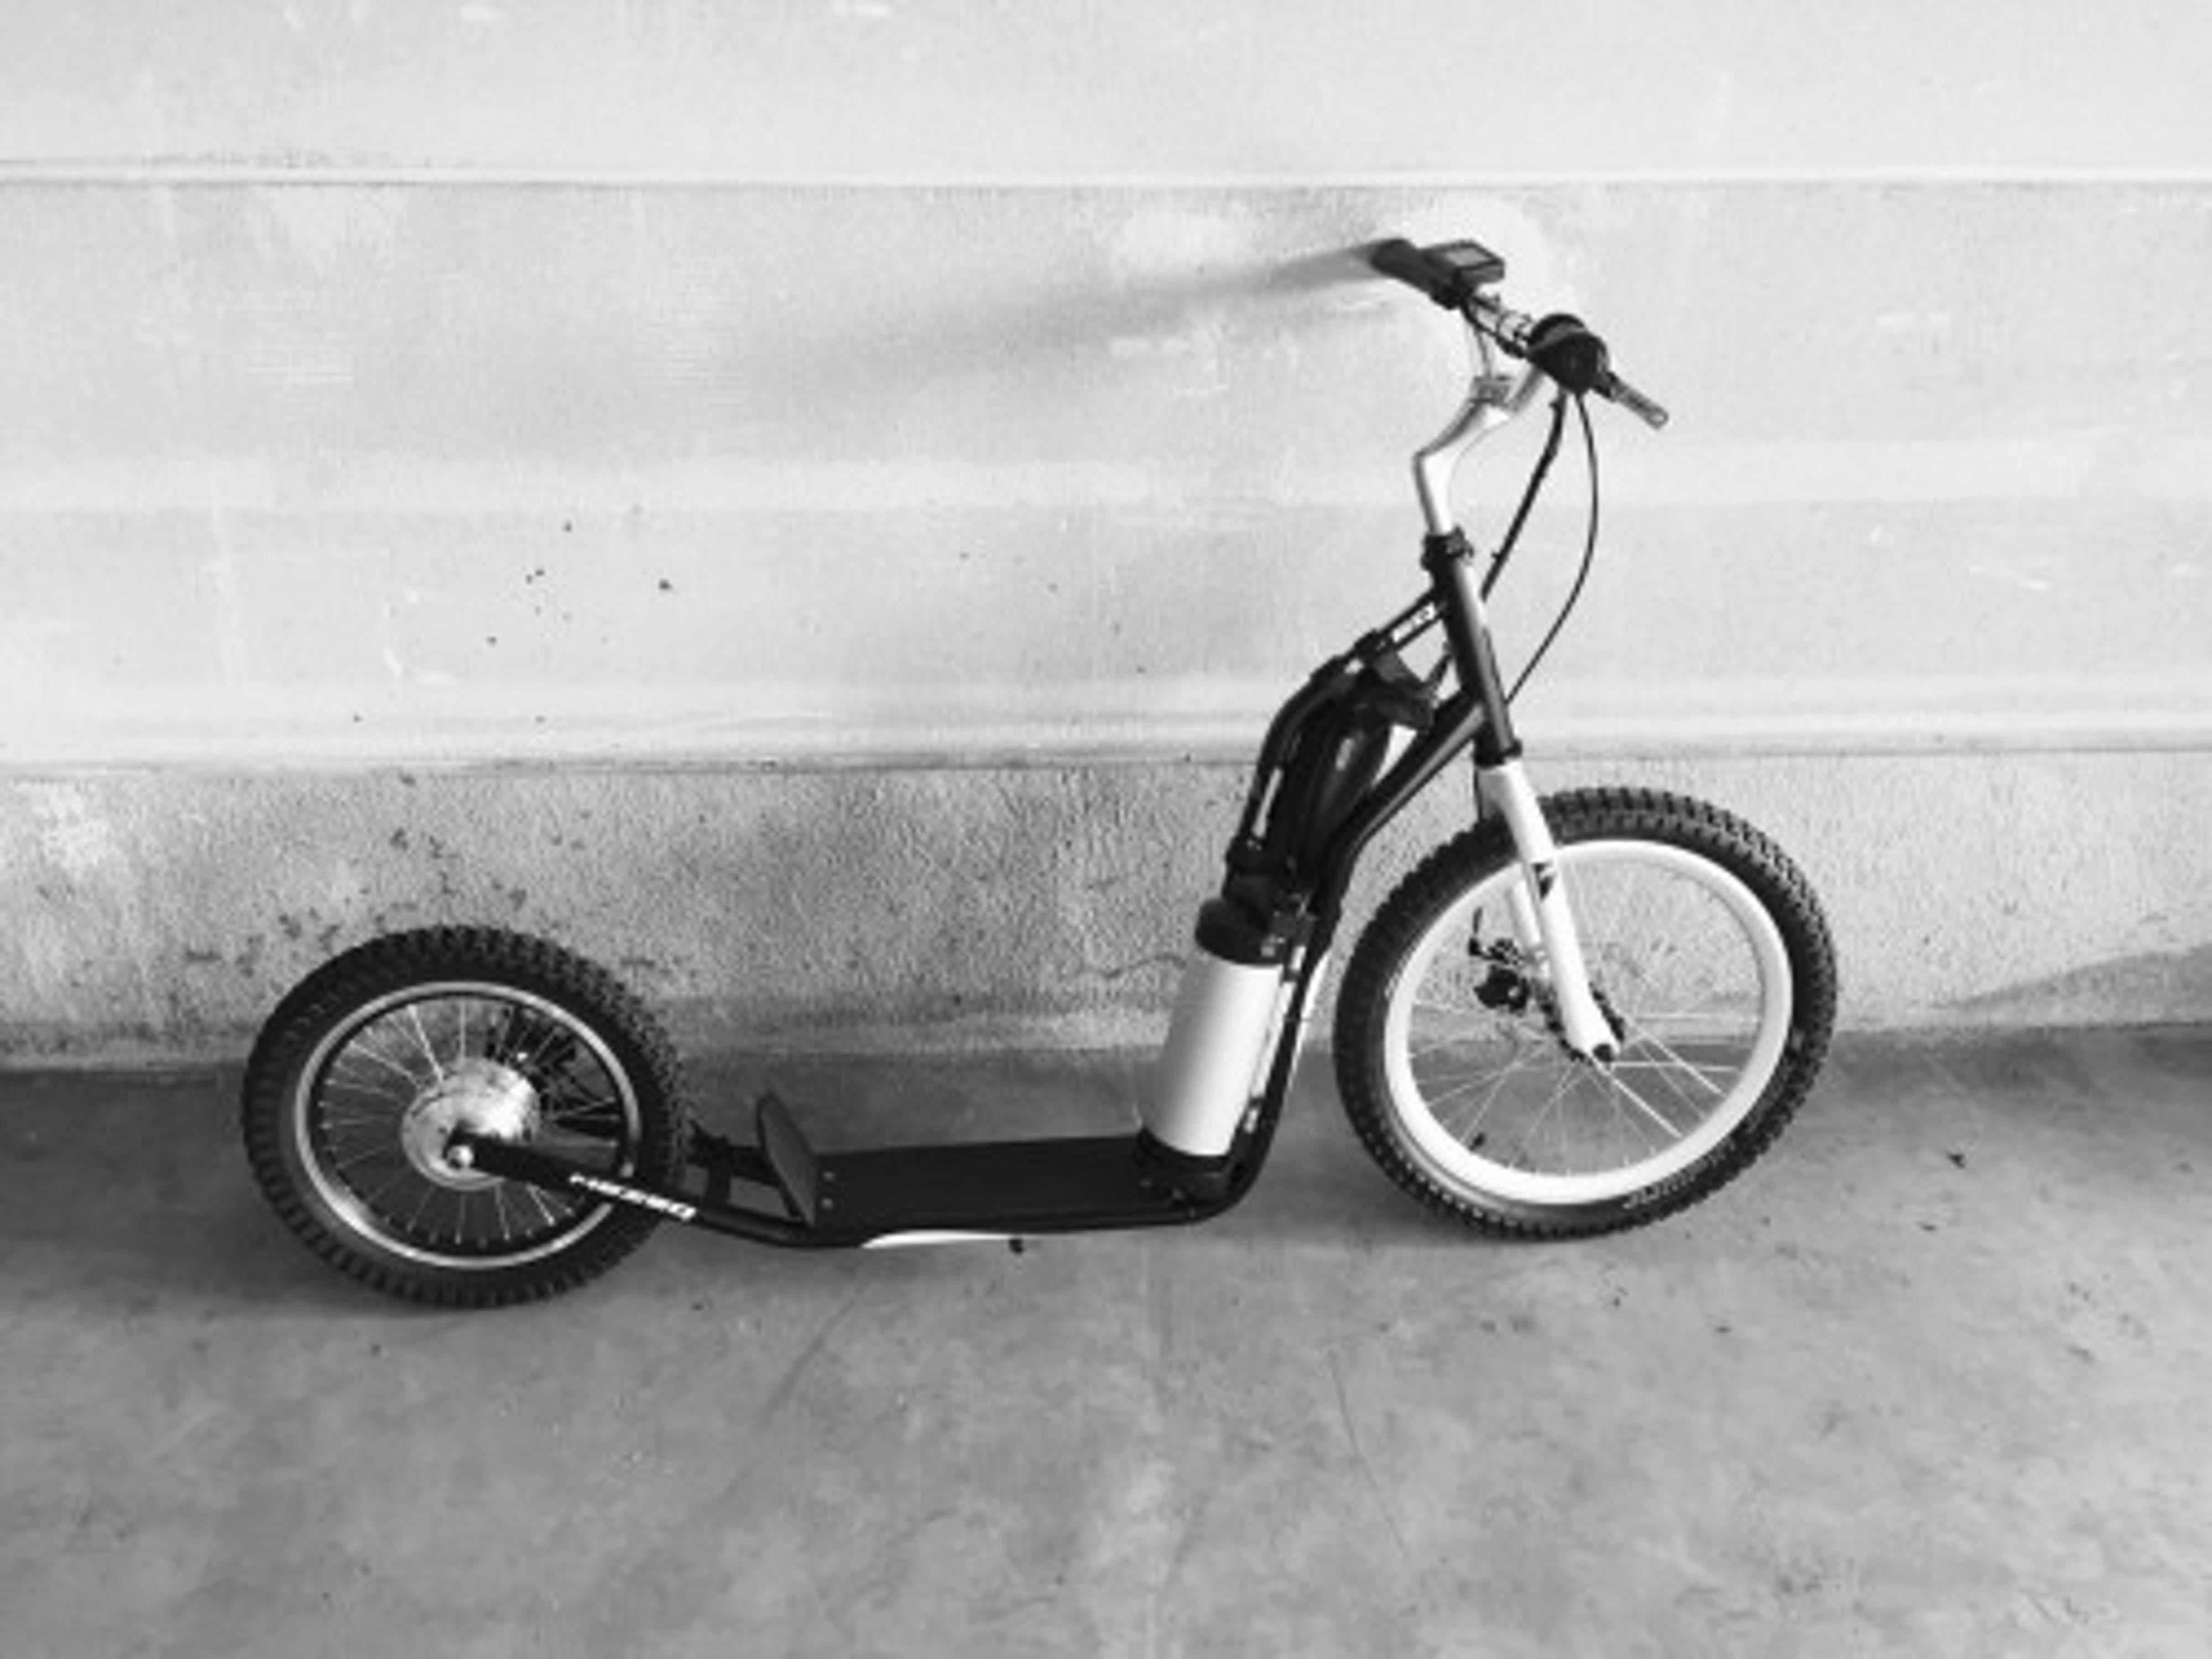 elektro scooter tretroller mezeq 20 16 disc brake black. Black Bedroom Furniture Sets. Home Design Ideas